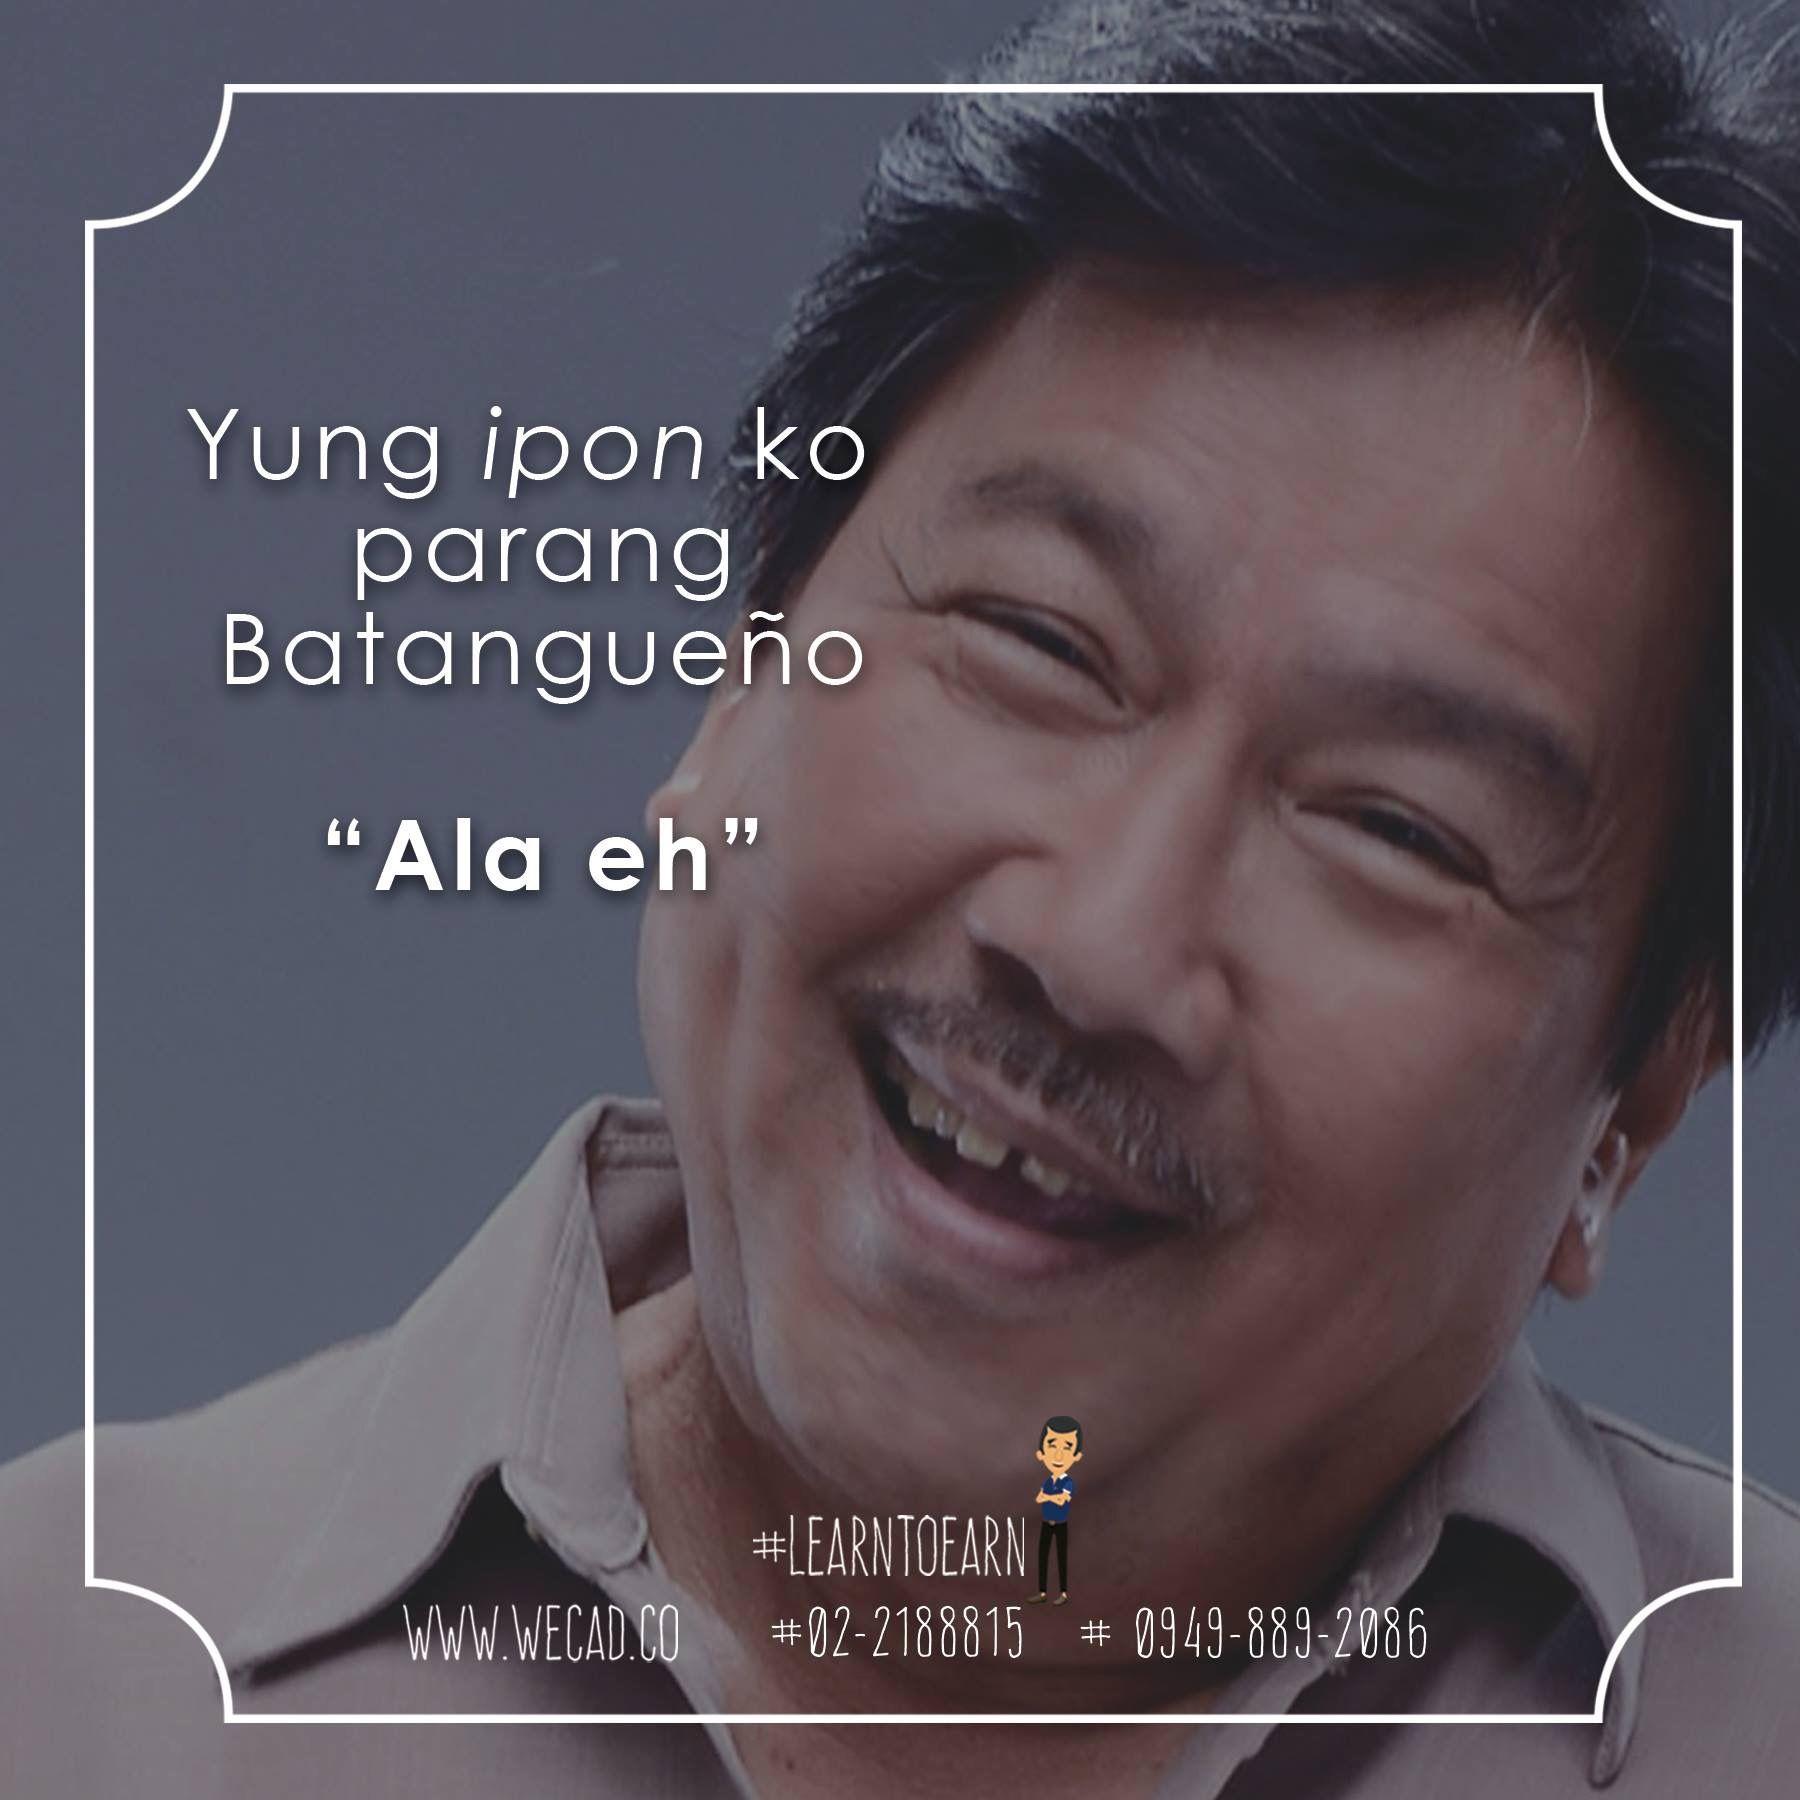 Sahod Na Wala Tagalog Quotes Hugot Funny Tagalog Quotes Filipino Quotes